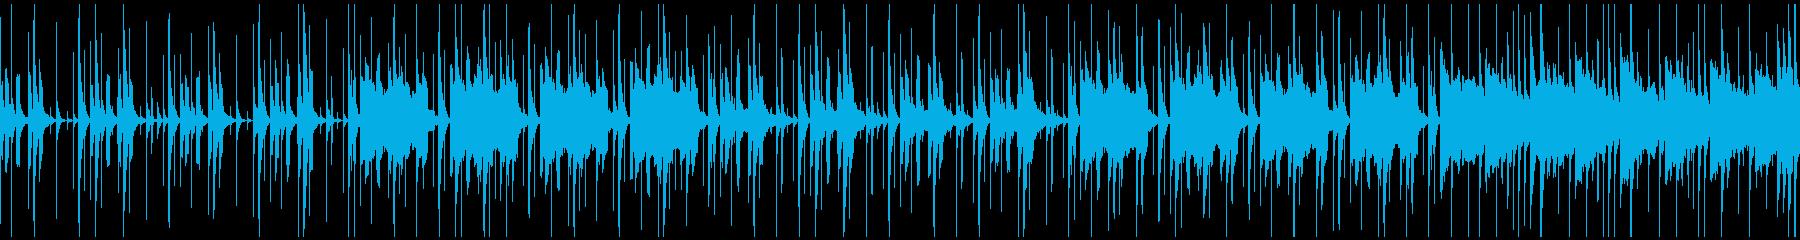 ほのぼの・軽快なBGM(ループ)の再生済みの波形